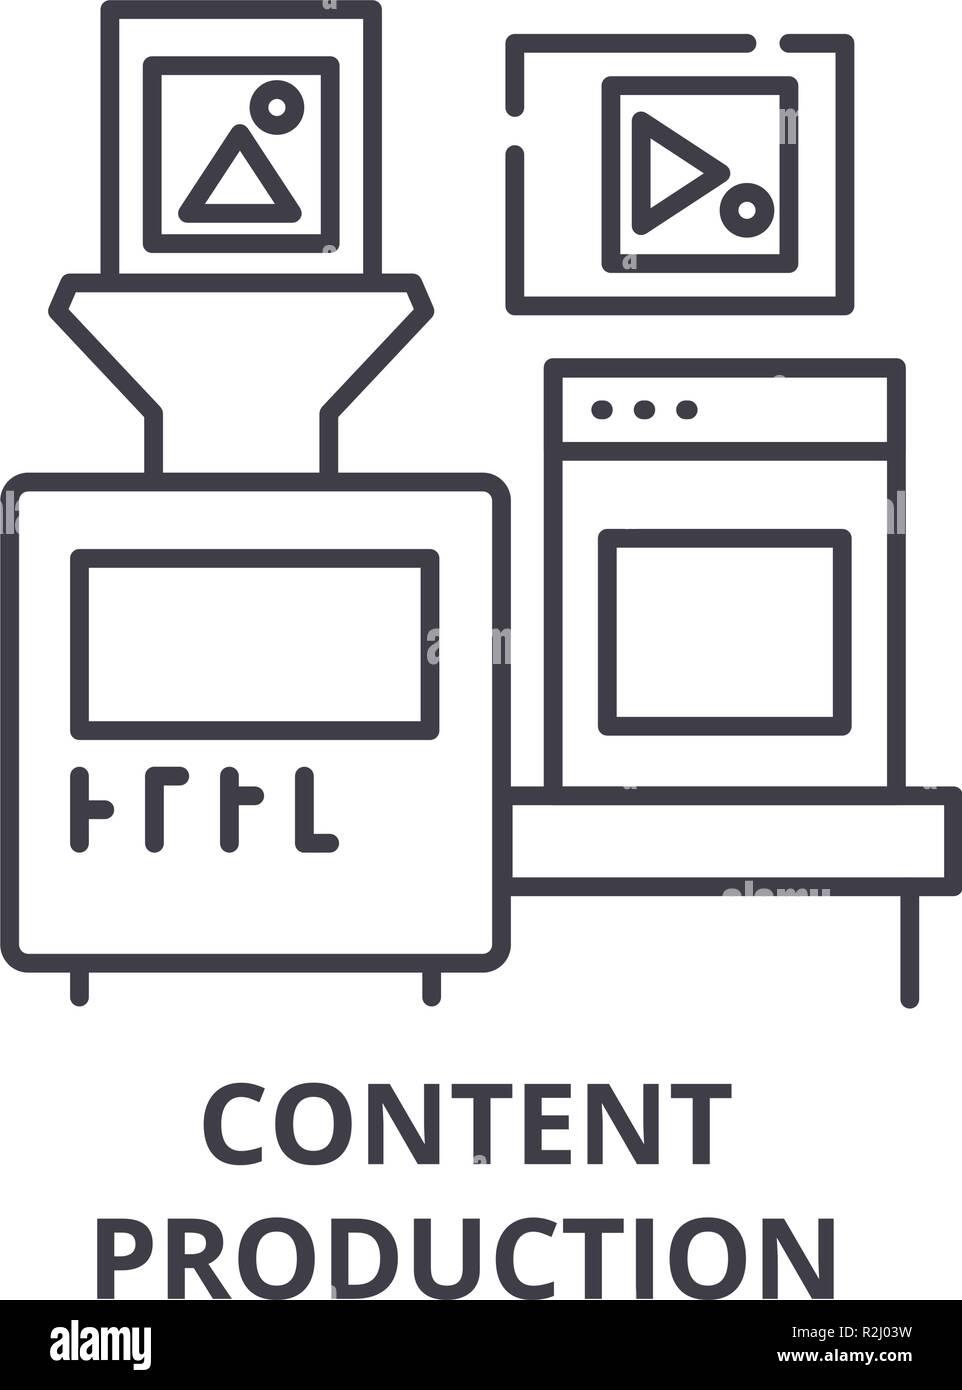 Icono de línea de producción de contenido de concepto. Producción de contenido vectorial Ilustración lineal, símbolo, signo Imagen De Stock